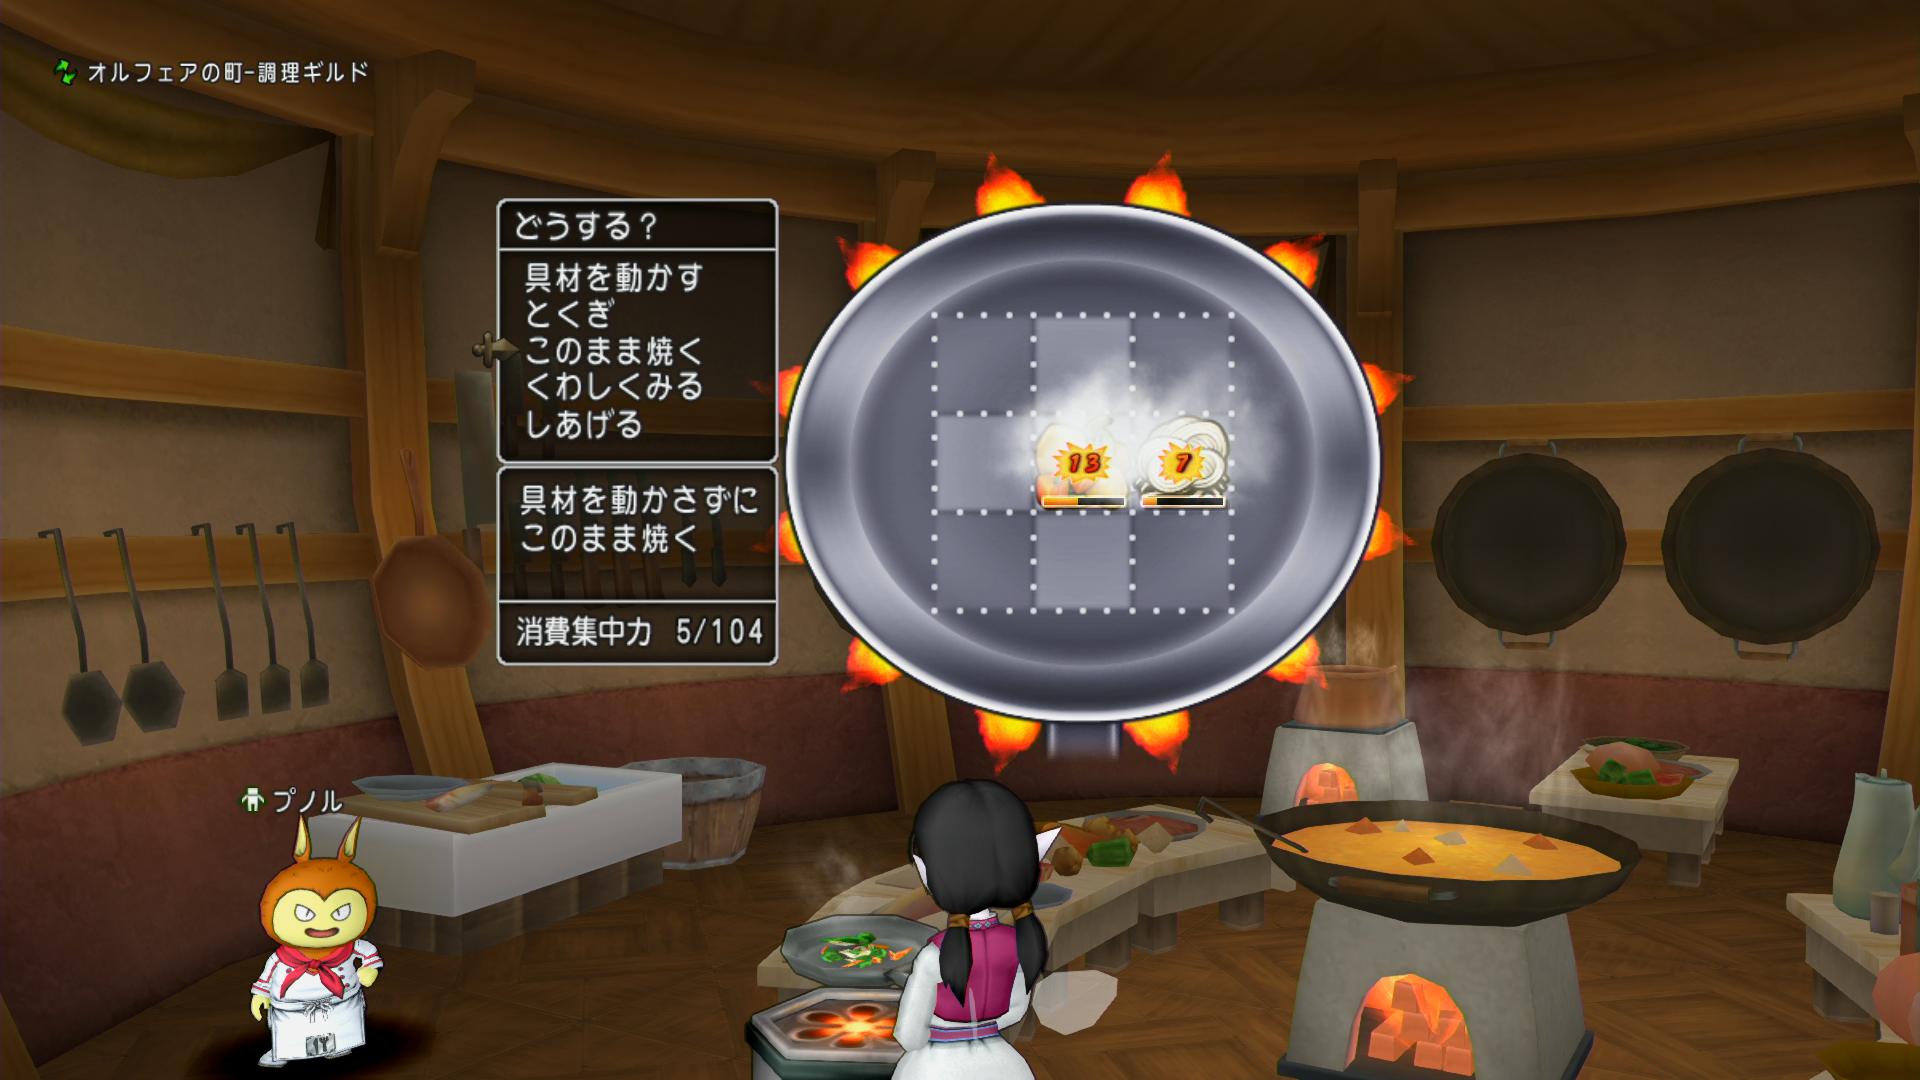 調理 イメージ